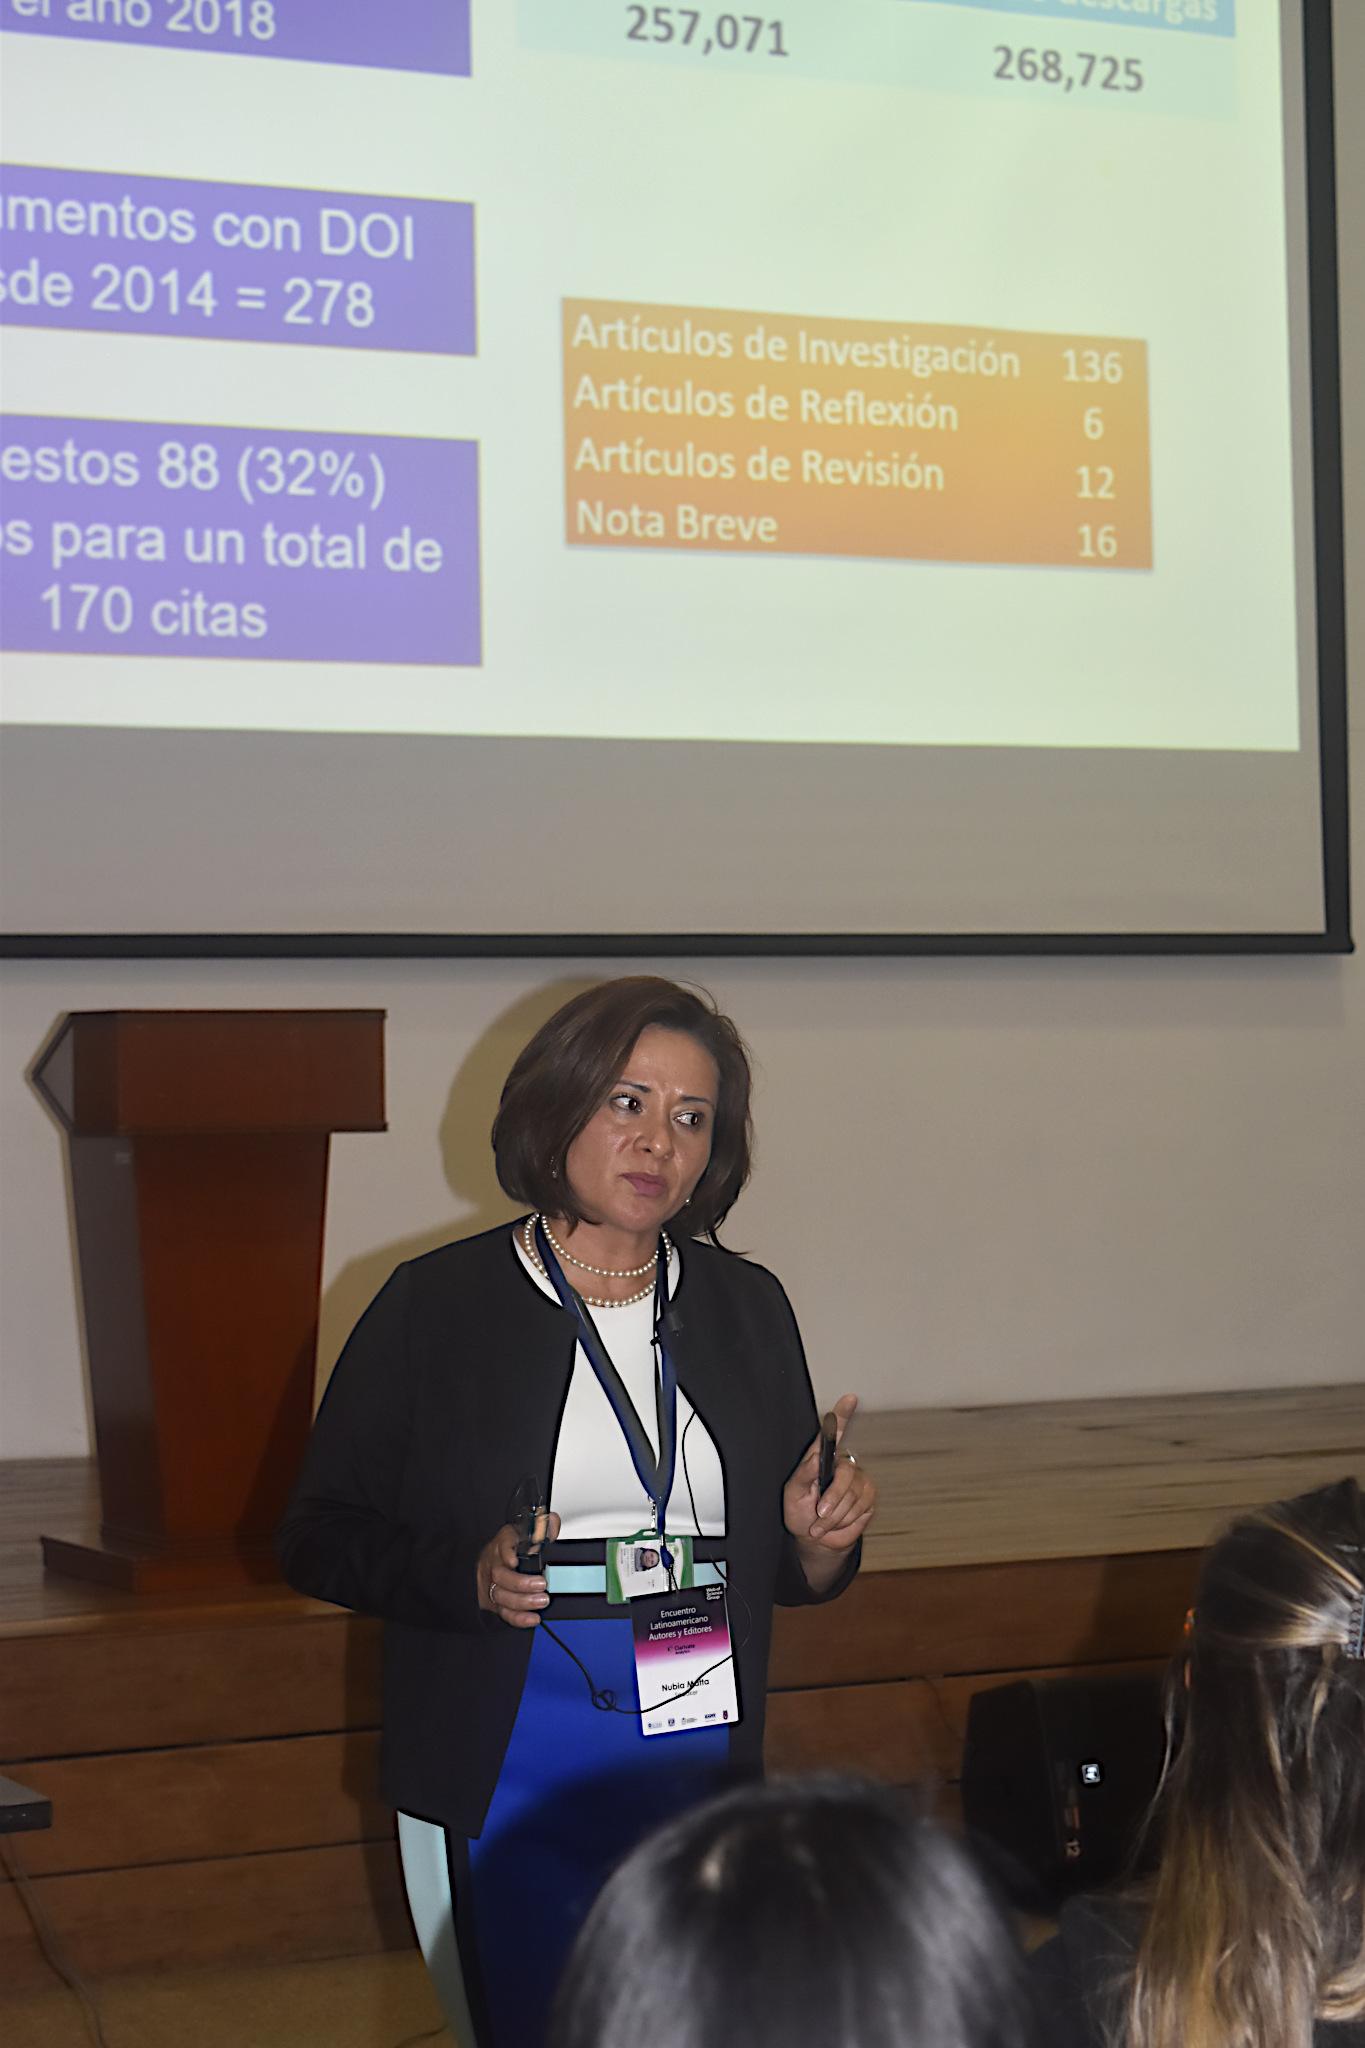 Nubia Matta Camacho, profesora de la U. N. y editora de 'Acta Biológica Colombiana' (Foto: Camilo Baquero/VRI)